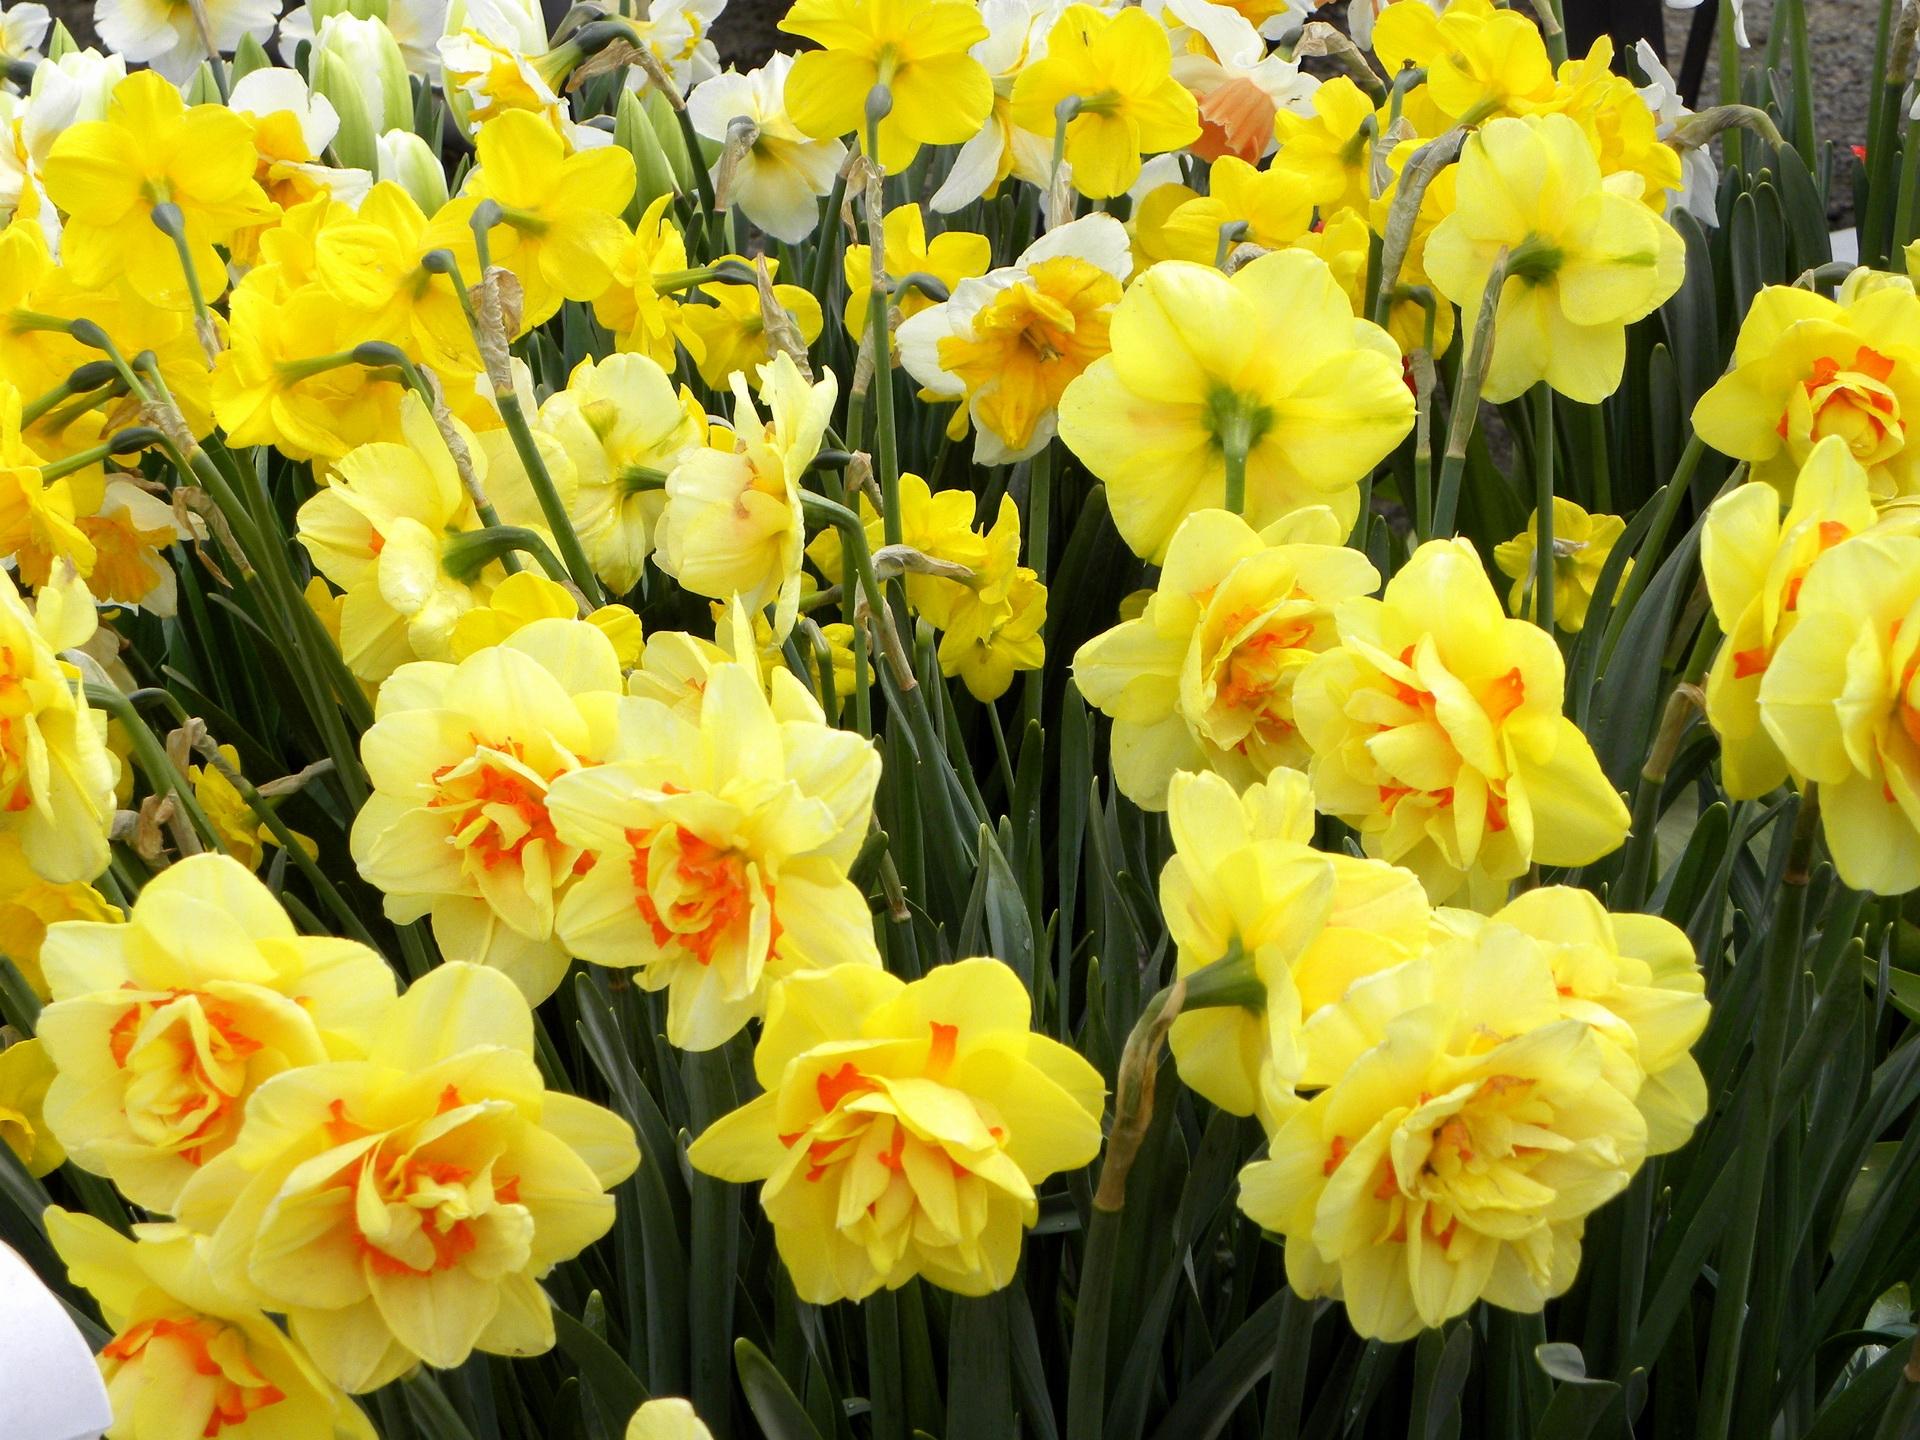 78833 Заставки и Обои Нарциссы на телефон. Скачать Цветы, Нарциссы, Зелень, Клумба, Весна картинки бесплатно